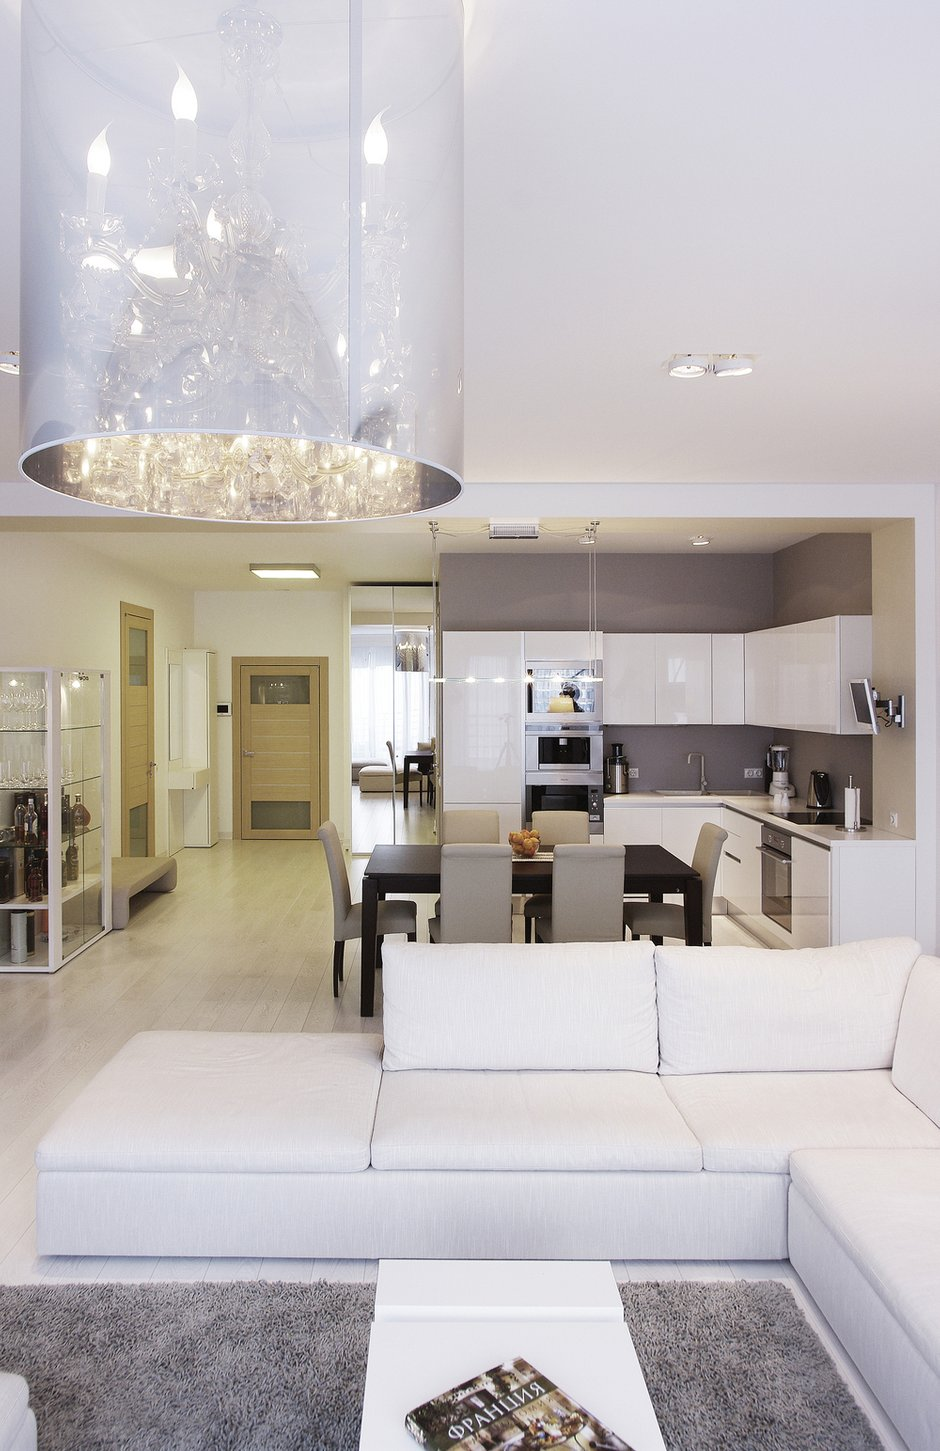 Фотография: Кухня и столовая в стиле Современный, Квартира, Цвет в интерьере, Дома и квартиры, Белый, Минимализм – фото на INMYROOM